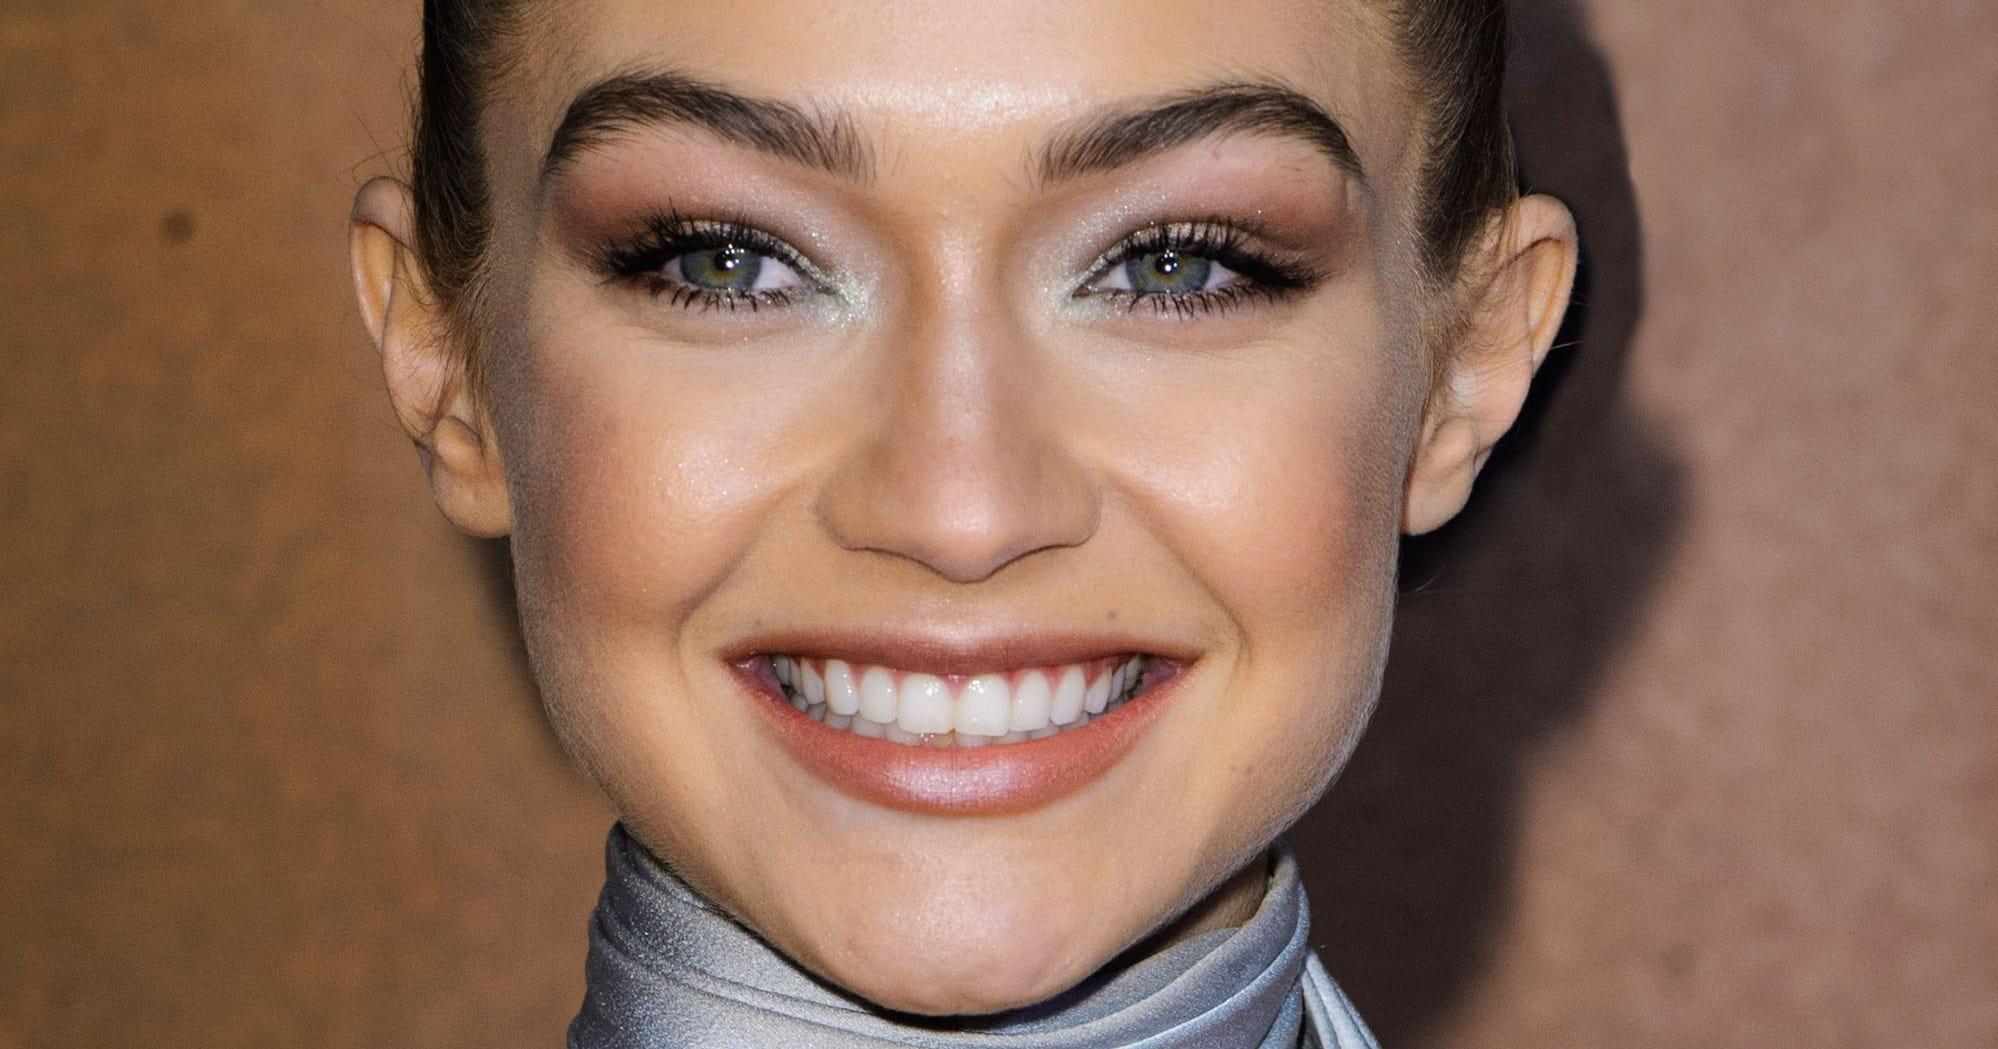 Zayn malik no makeup